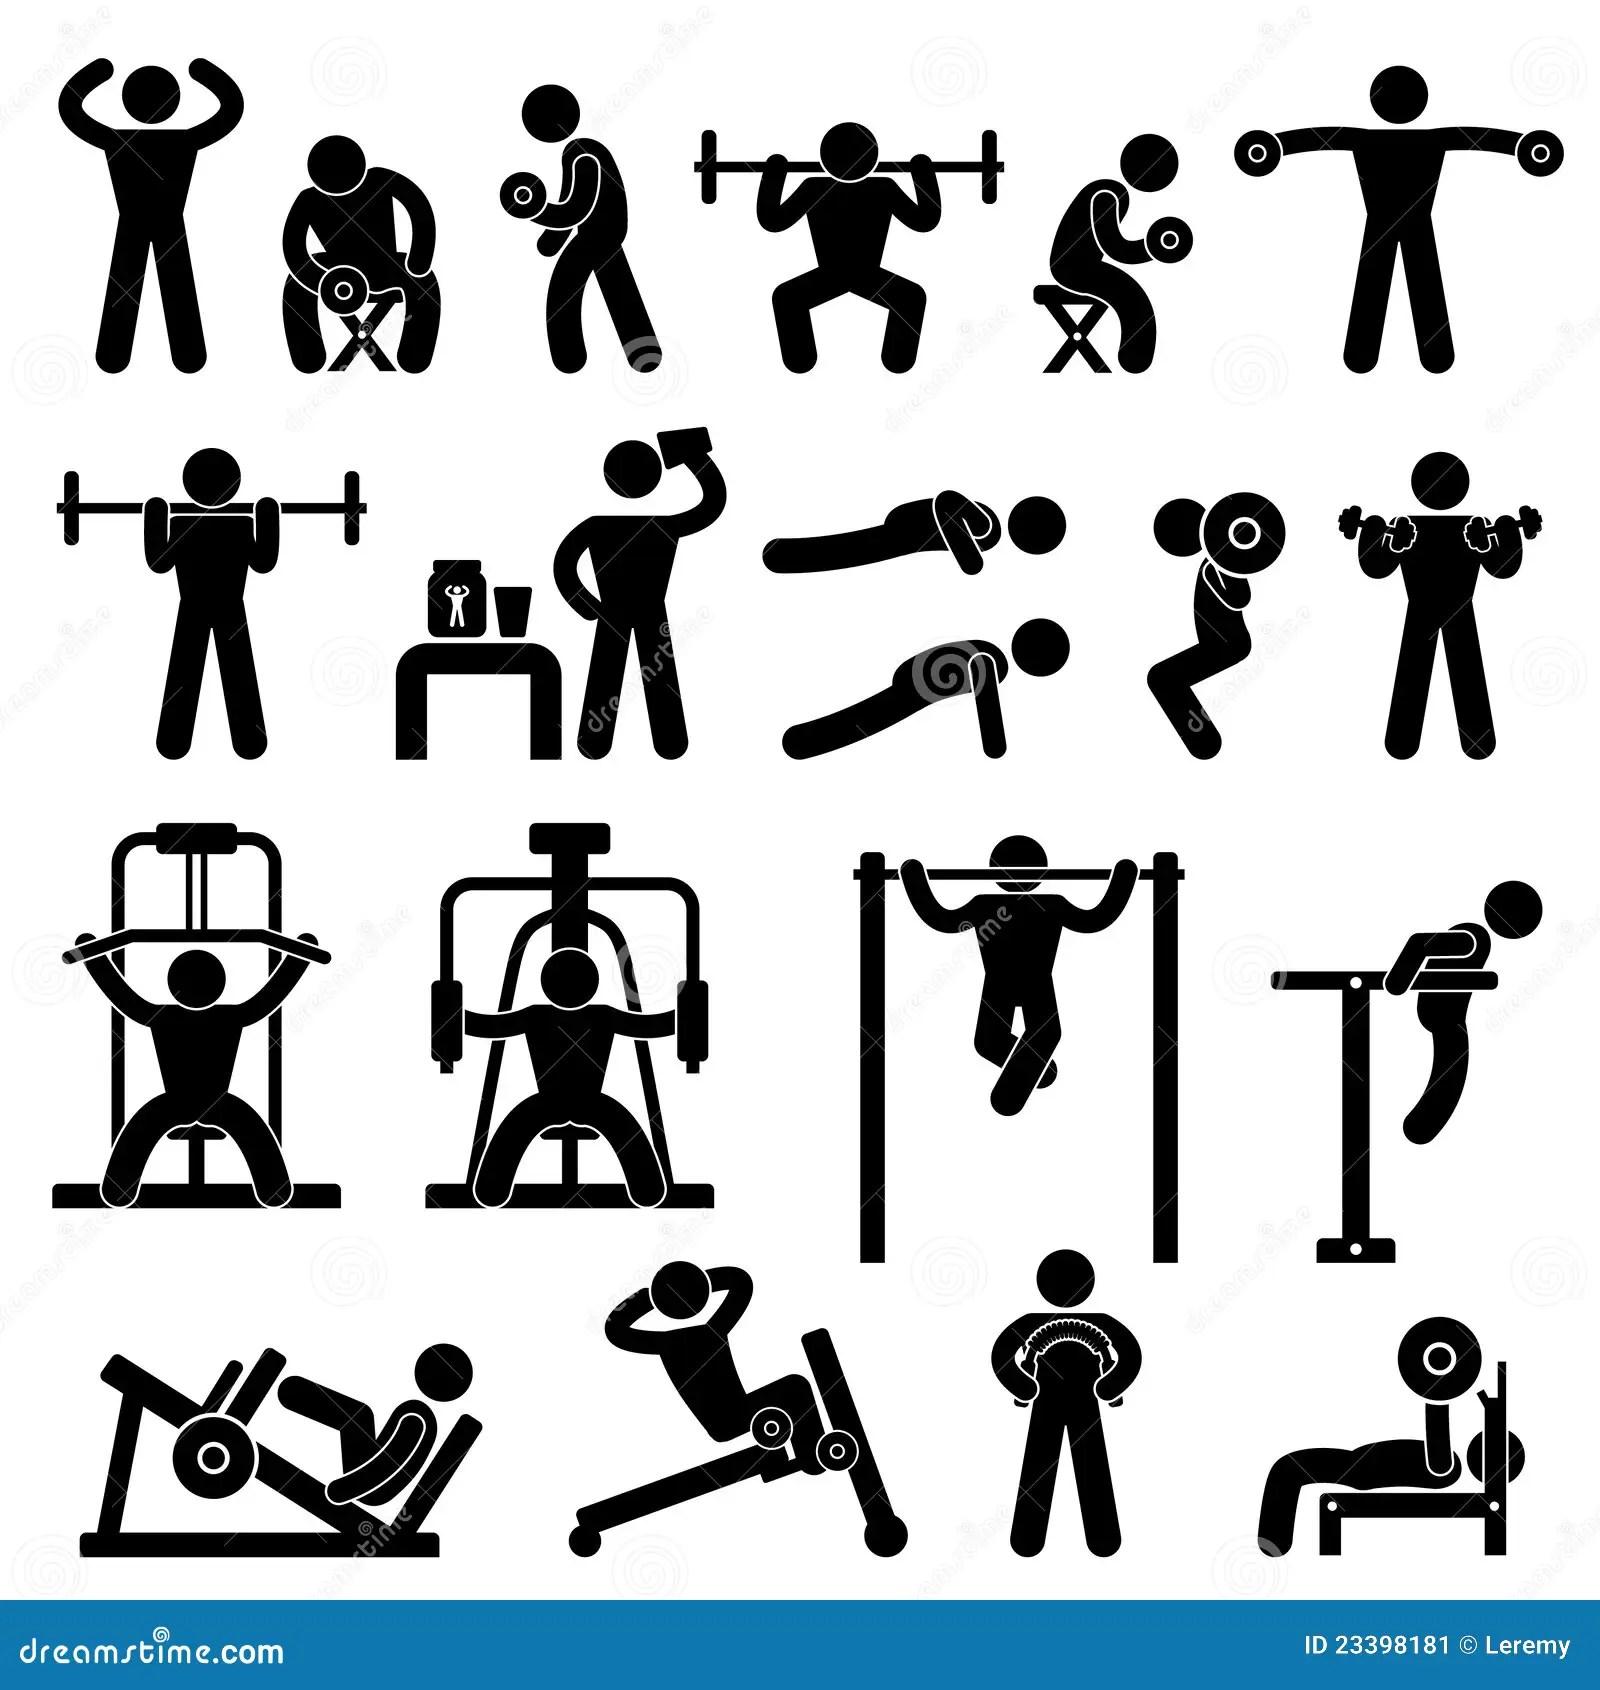 Gym Gymnasium Body Building Exercise Training Stock Image